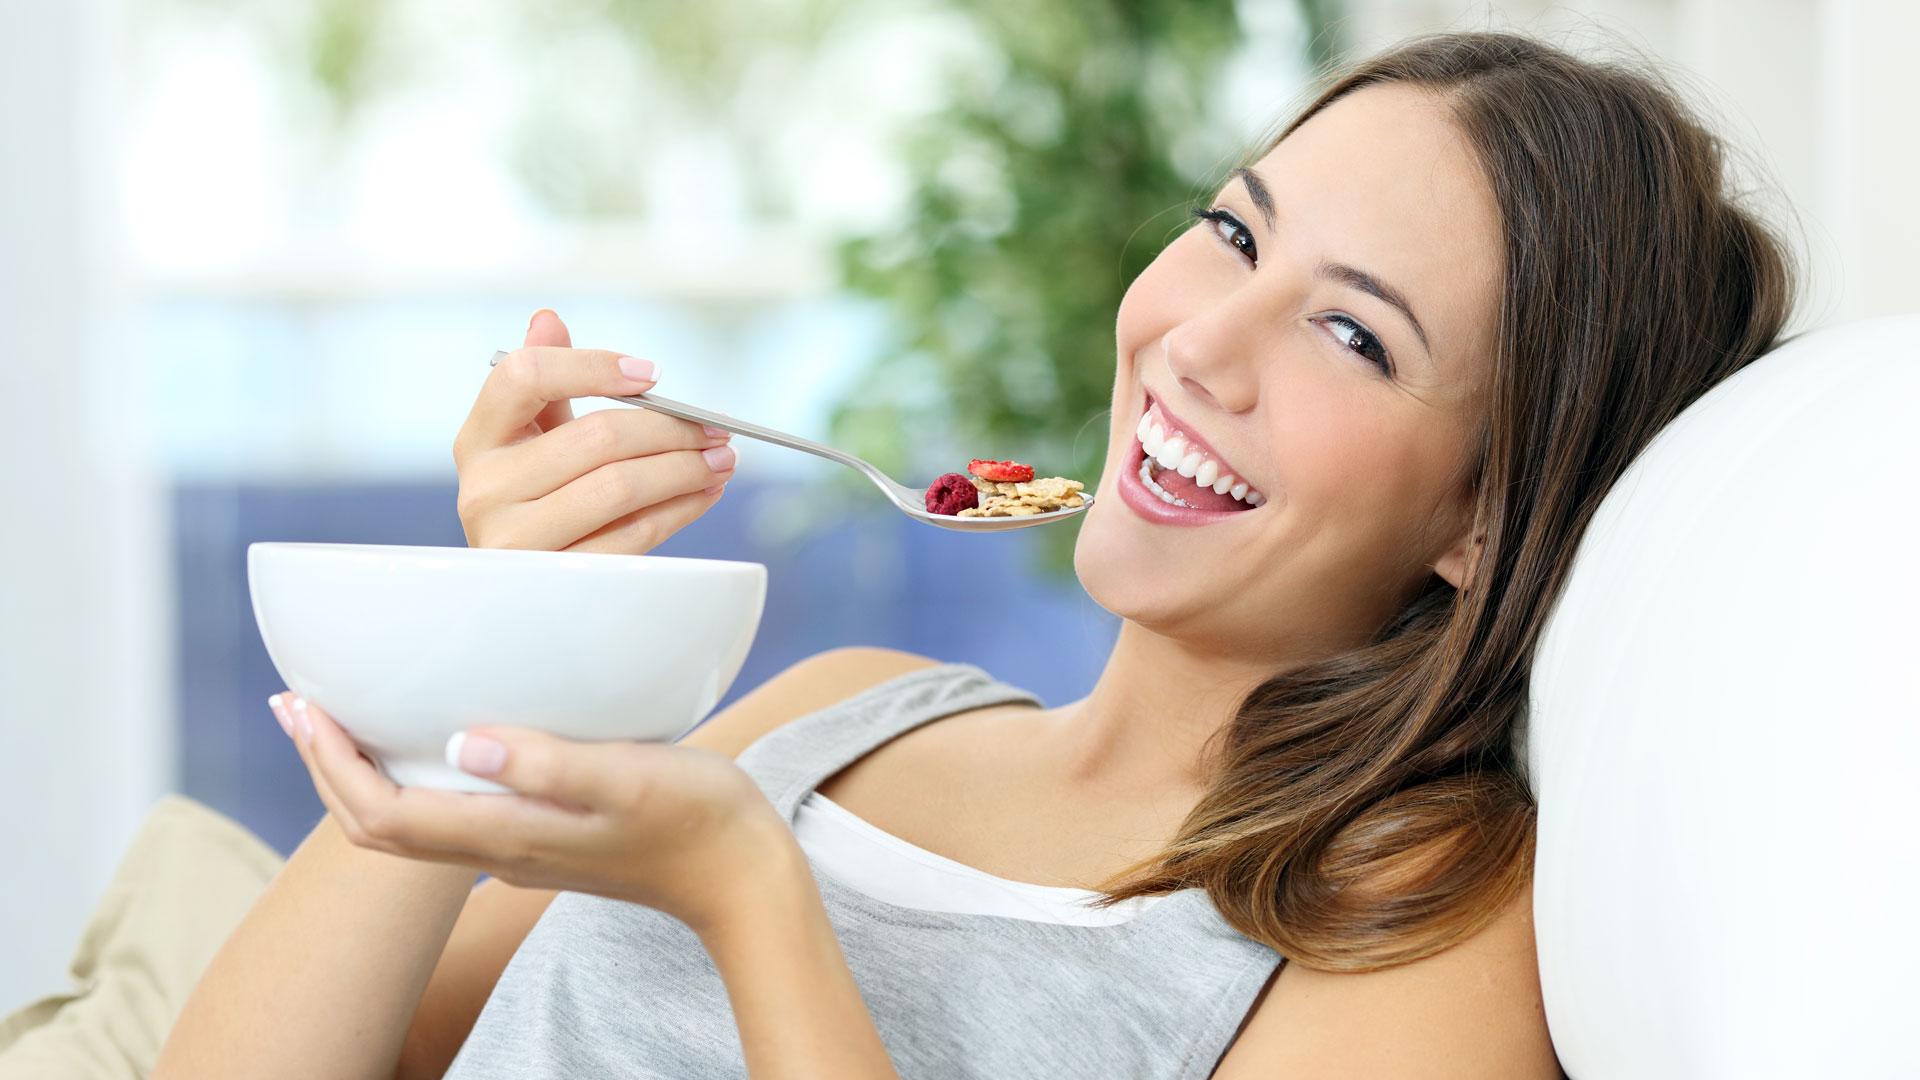 Una dieta balanceada reduce la producción de radicales libres que aceleran el envejecimiento(iStock)